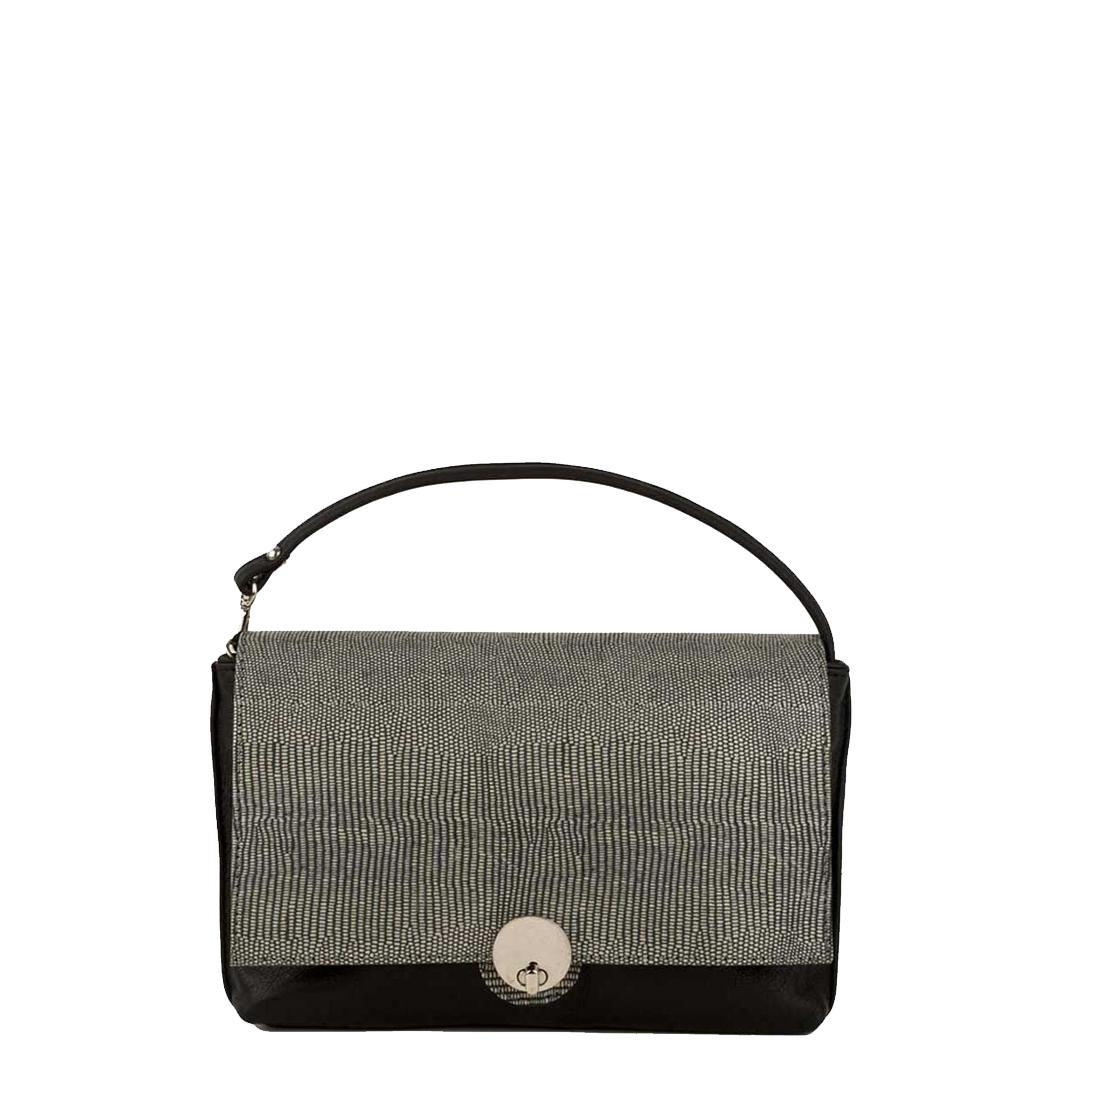 Riley Black Clutch Leather Handbag